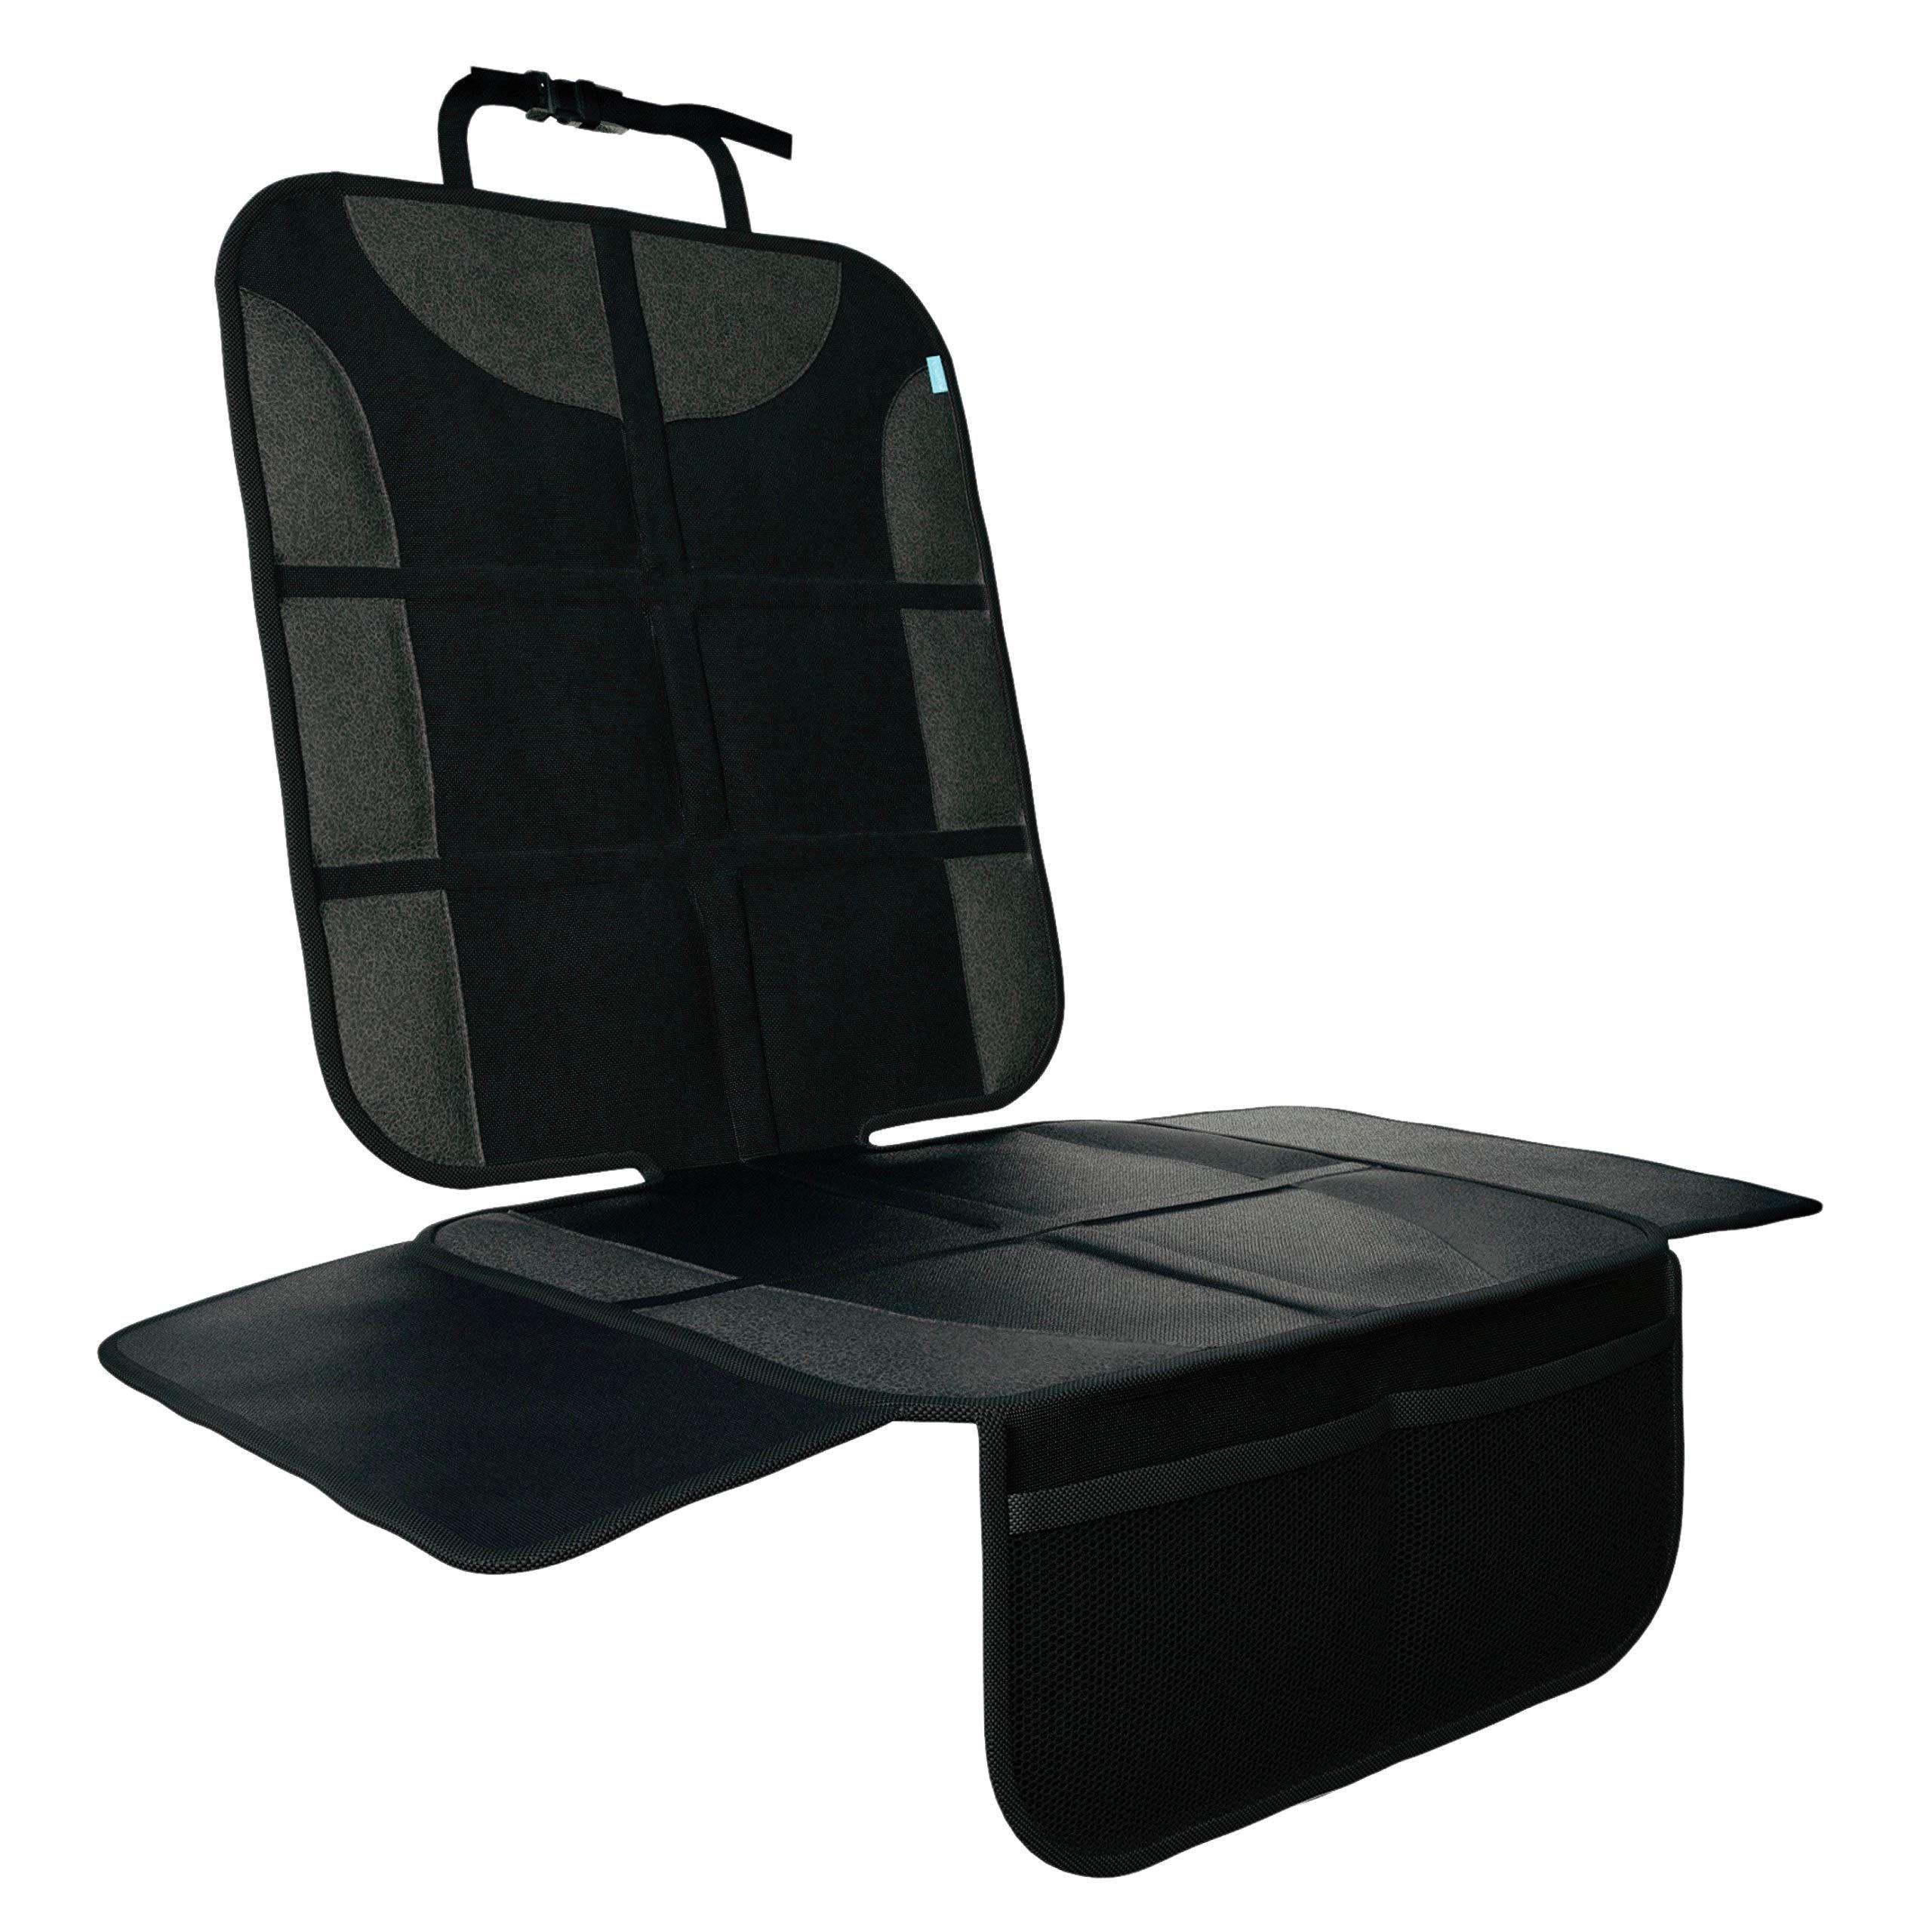 Autositzauflage Sitzschoner Isofix geeignet Universell Kindersitzunterlage